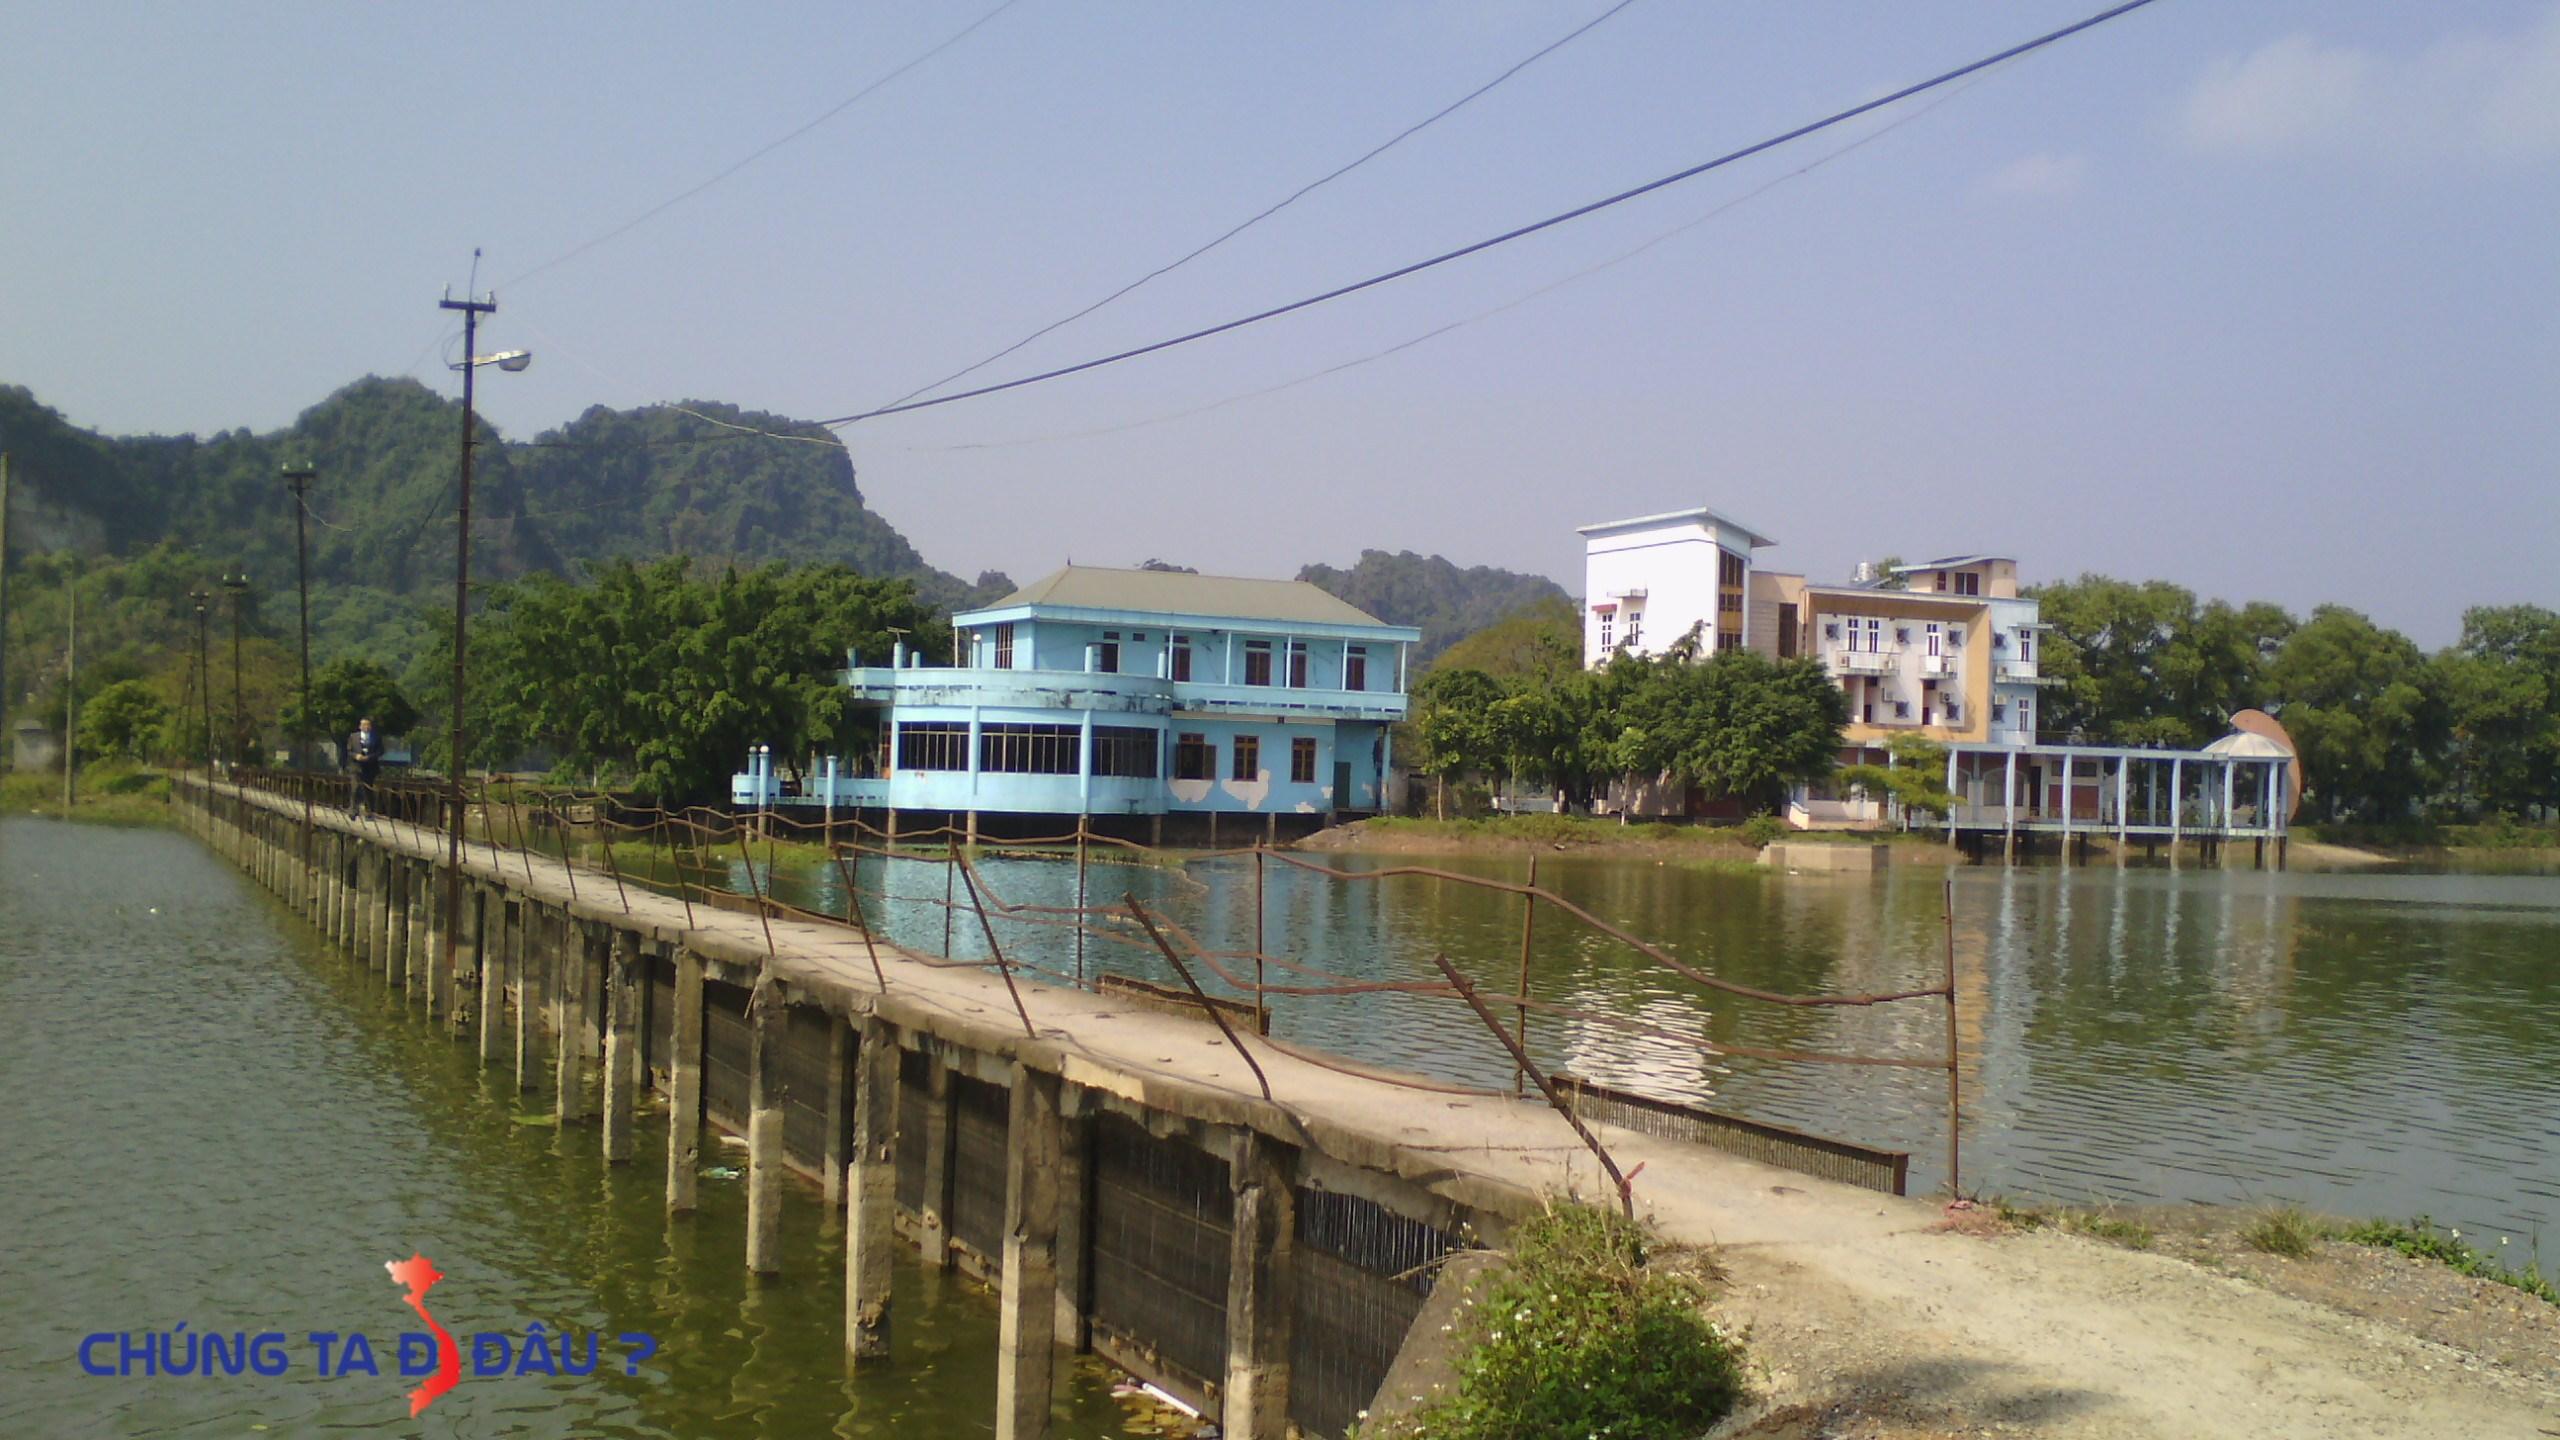 Cây cầu Dăng sẽ đưa ta đến bến đò du lịch Hồ quan sơn